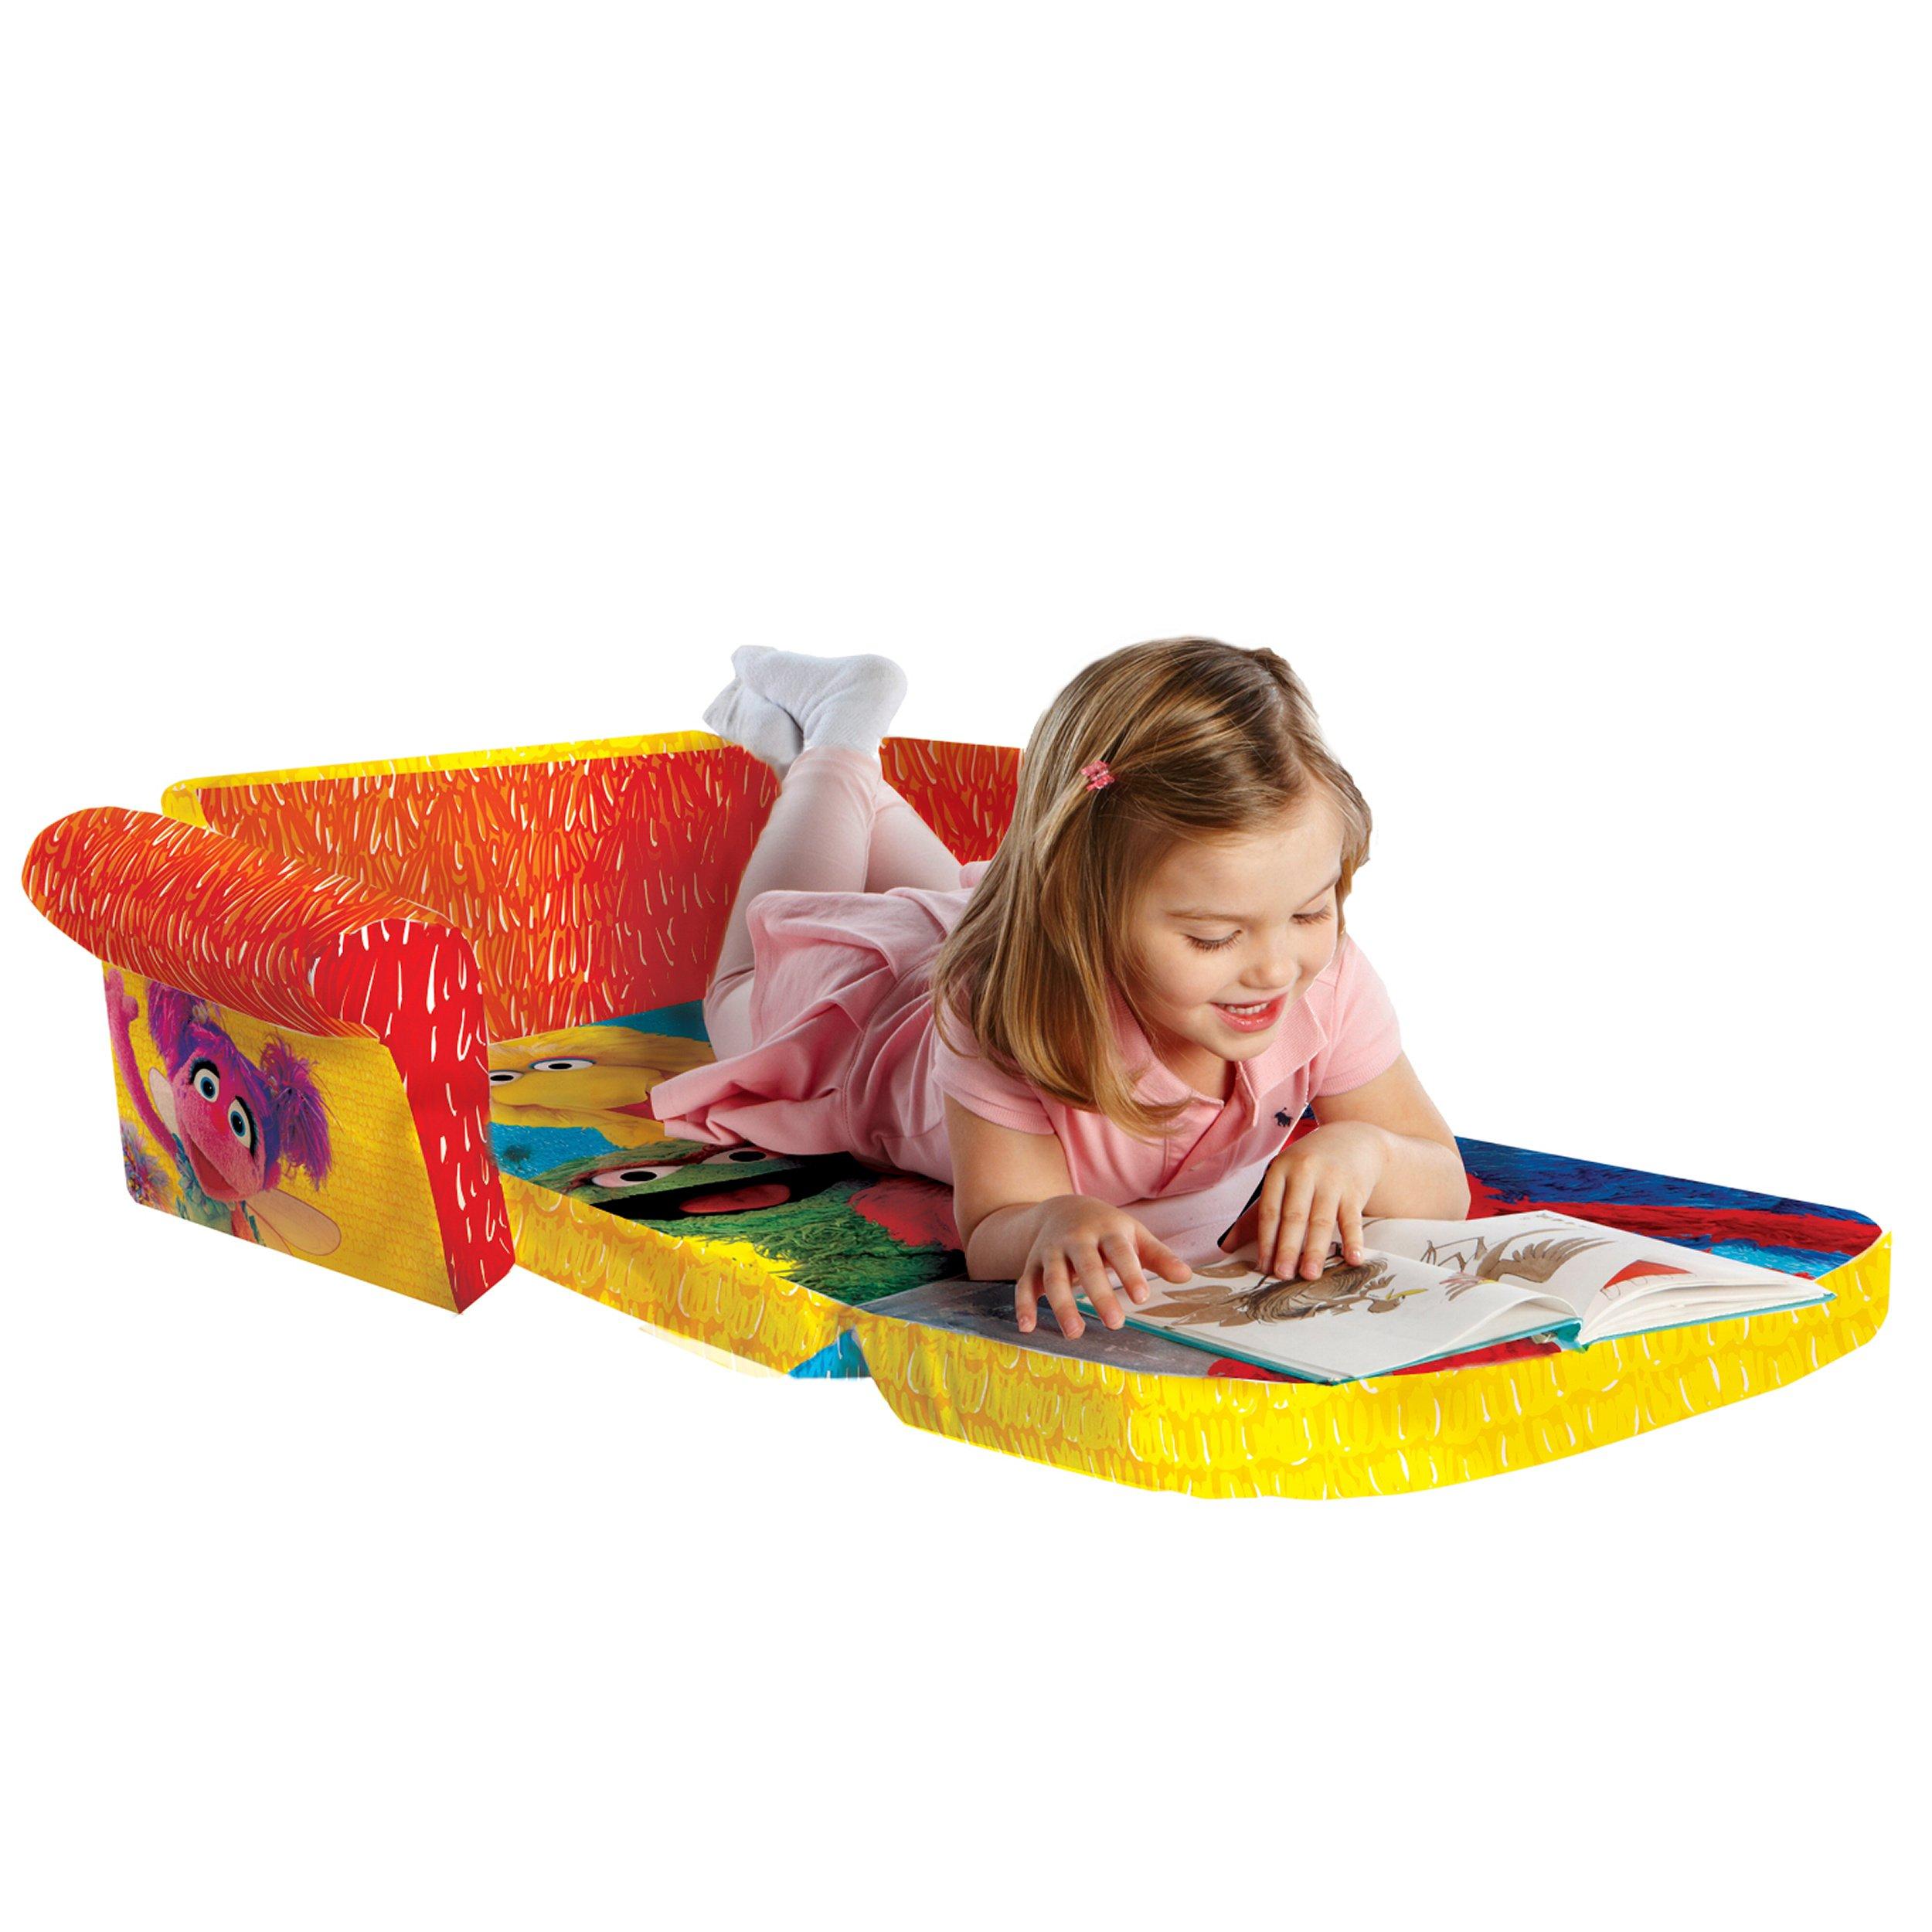 Marshmallow Furniture, Children's 2 in 1 Flip Open Foam Sofa, Sesame Street's Elmo/Sesame, by Spin Master by Marshmallow Furniture (Image #5)